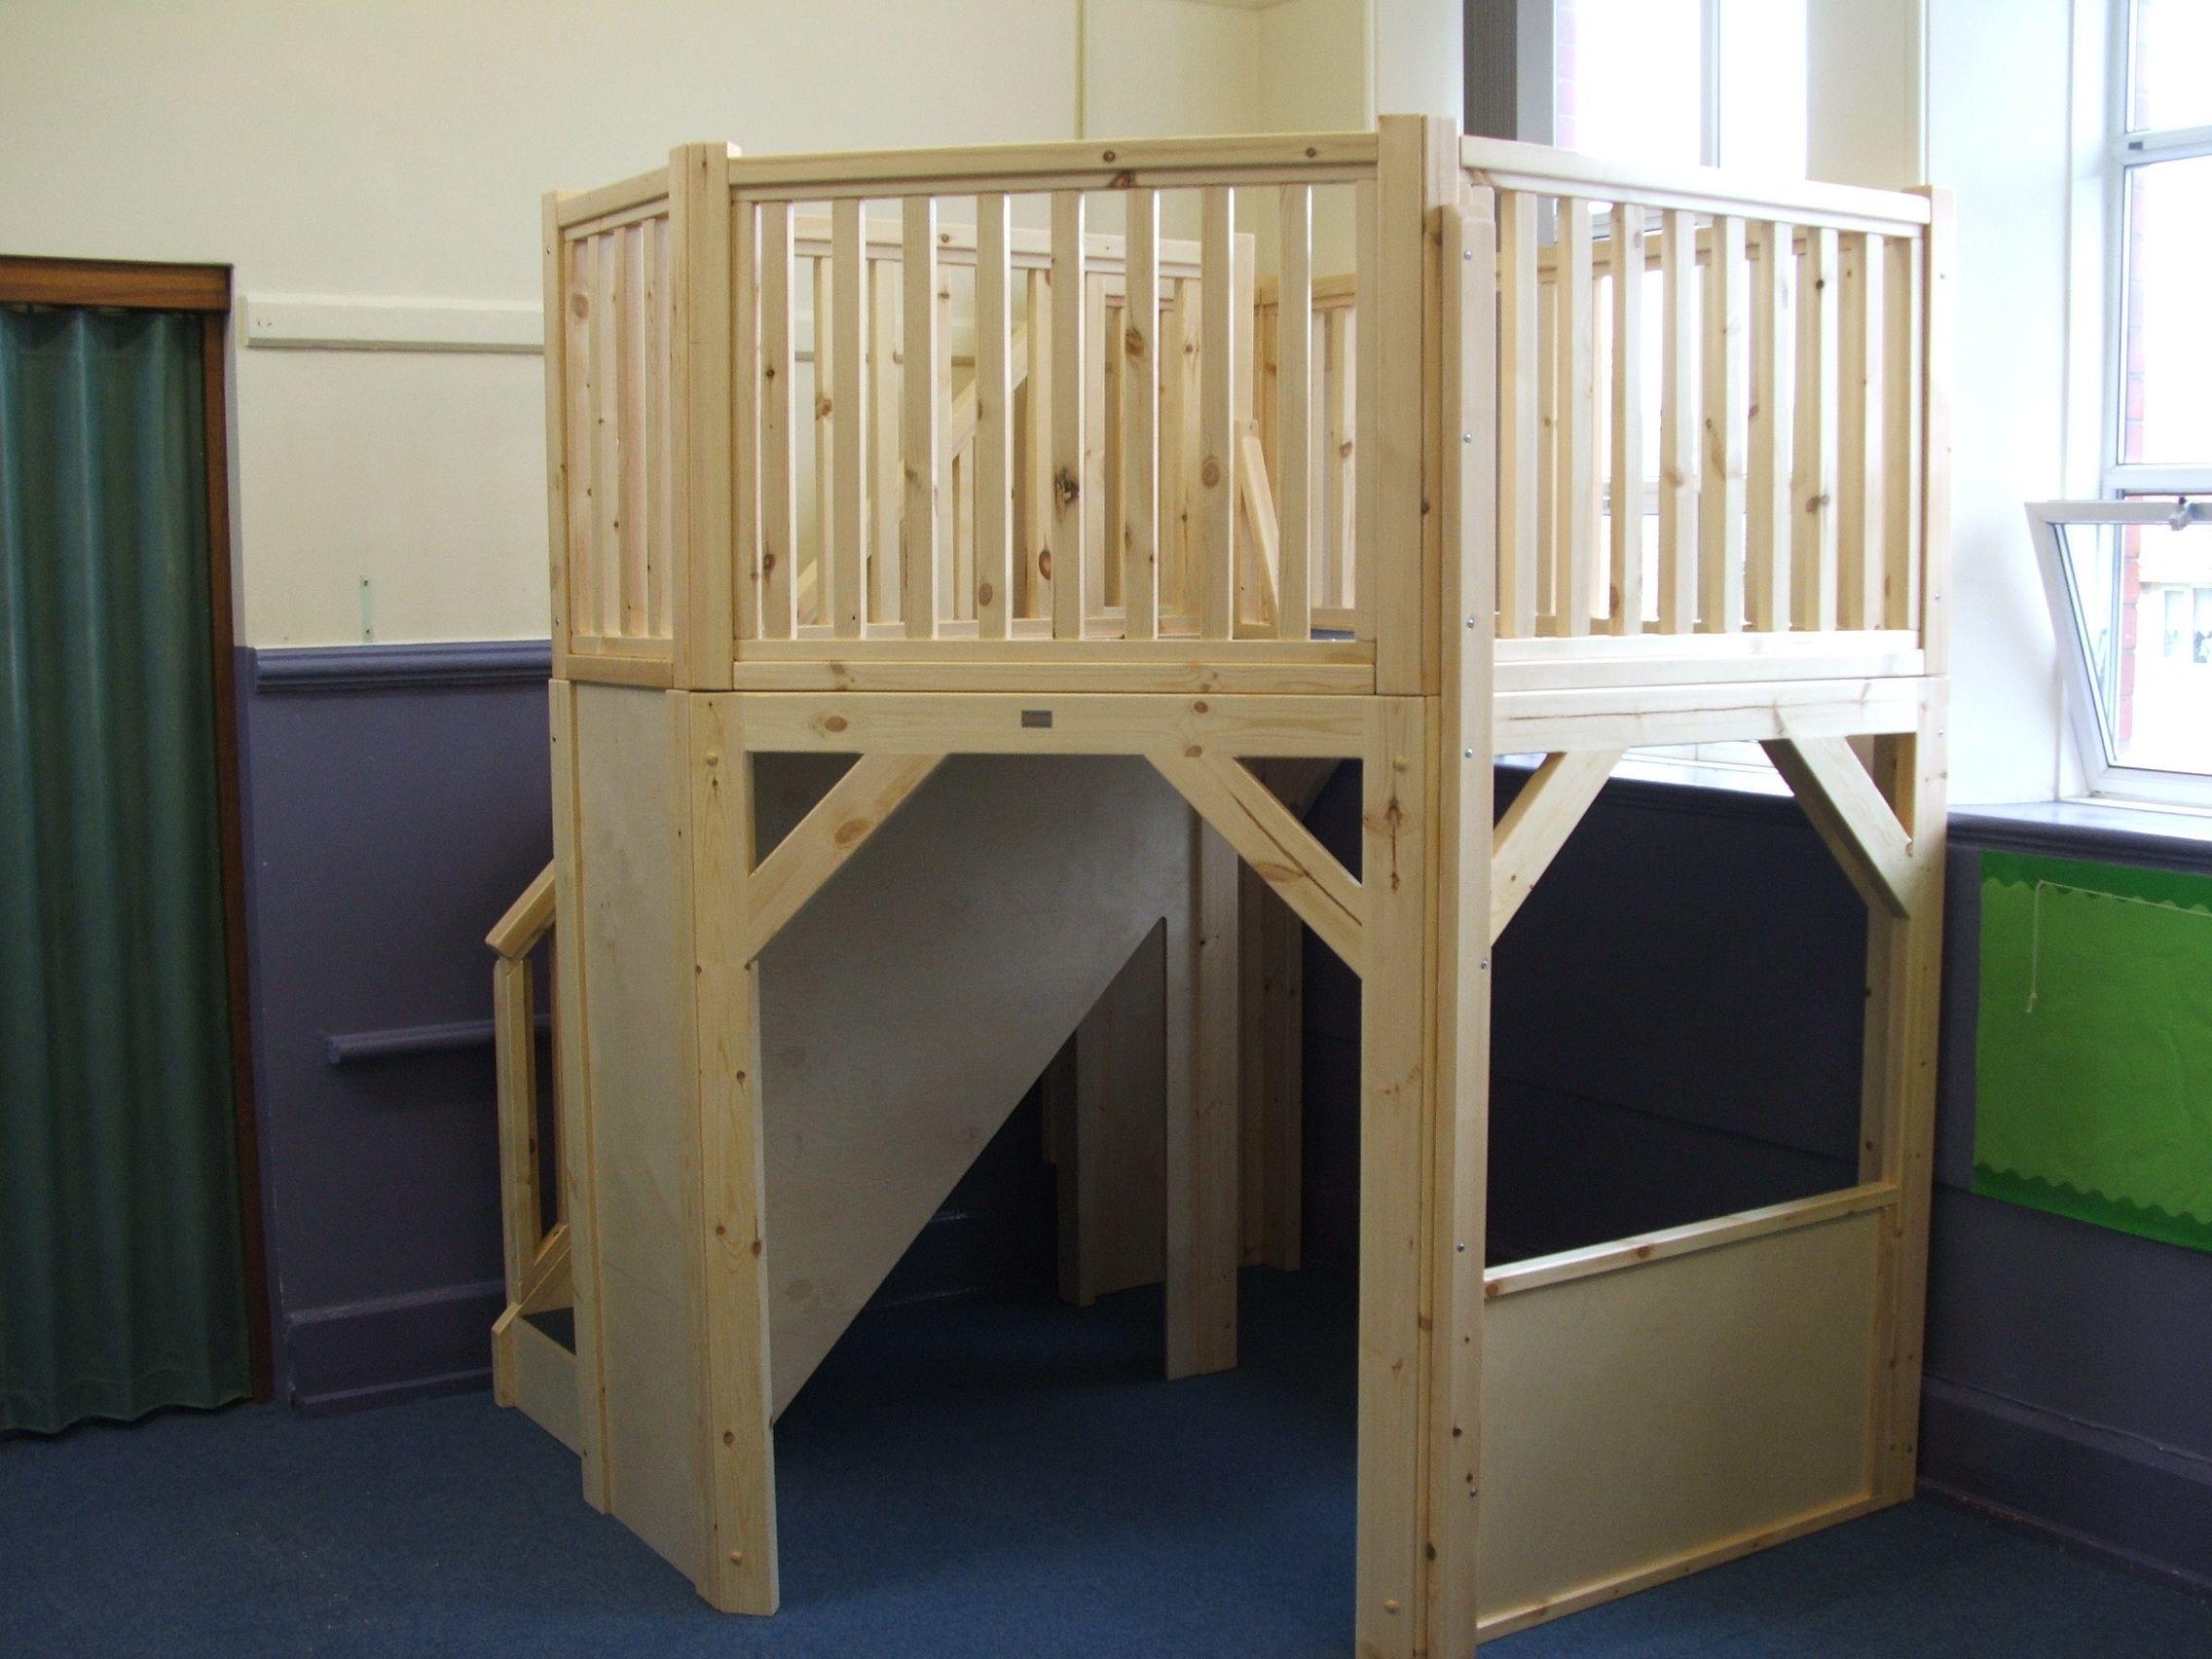 Classroom Loft Ideas ~ A bespoke corner classroom loft teacher stuff